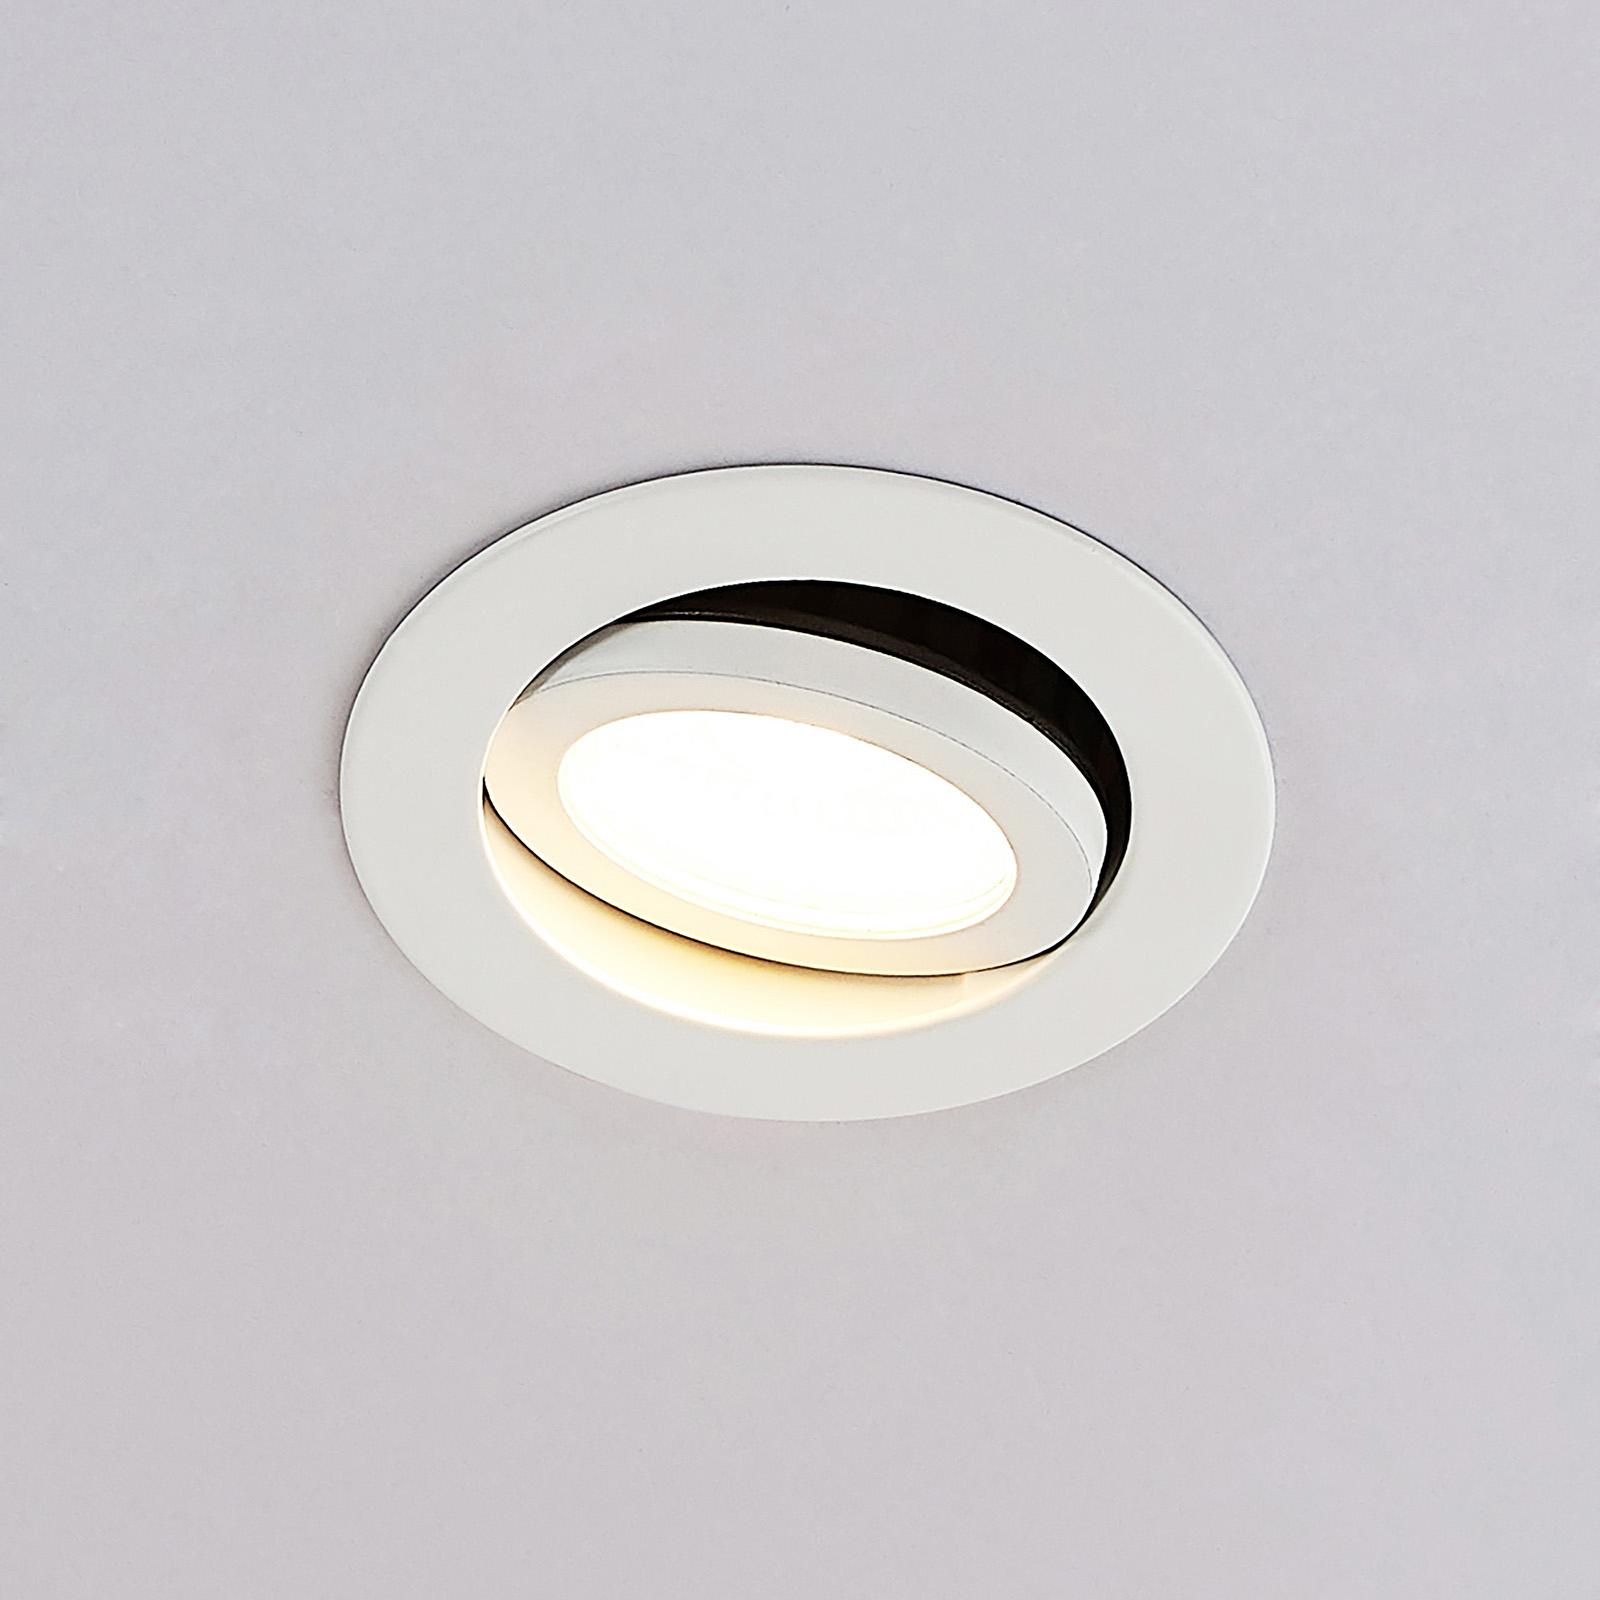 Arcchio Nabor -LED-alasvalo 36° 2 700K IP65, 6,4W